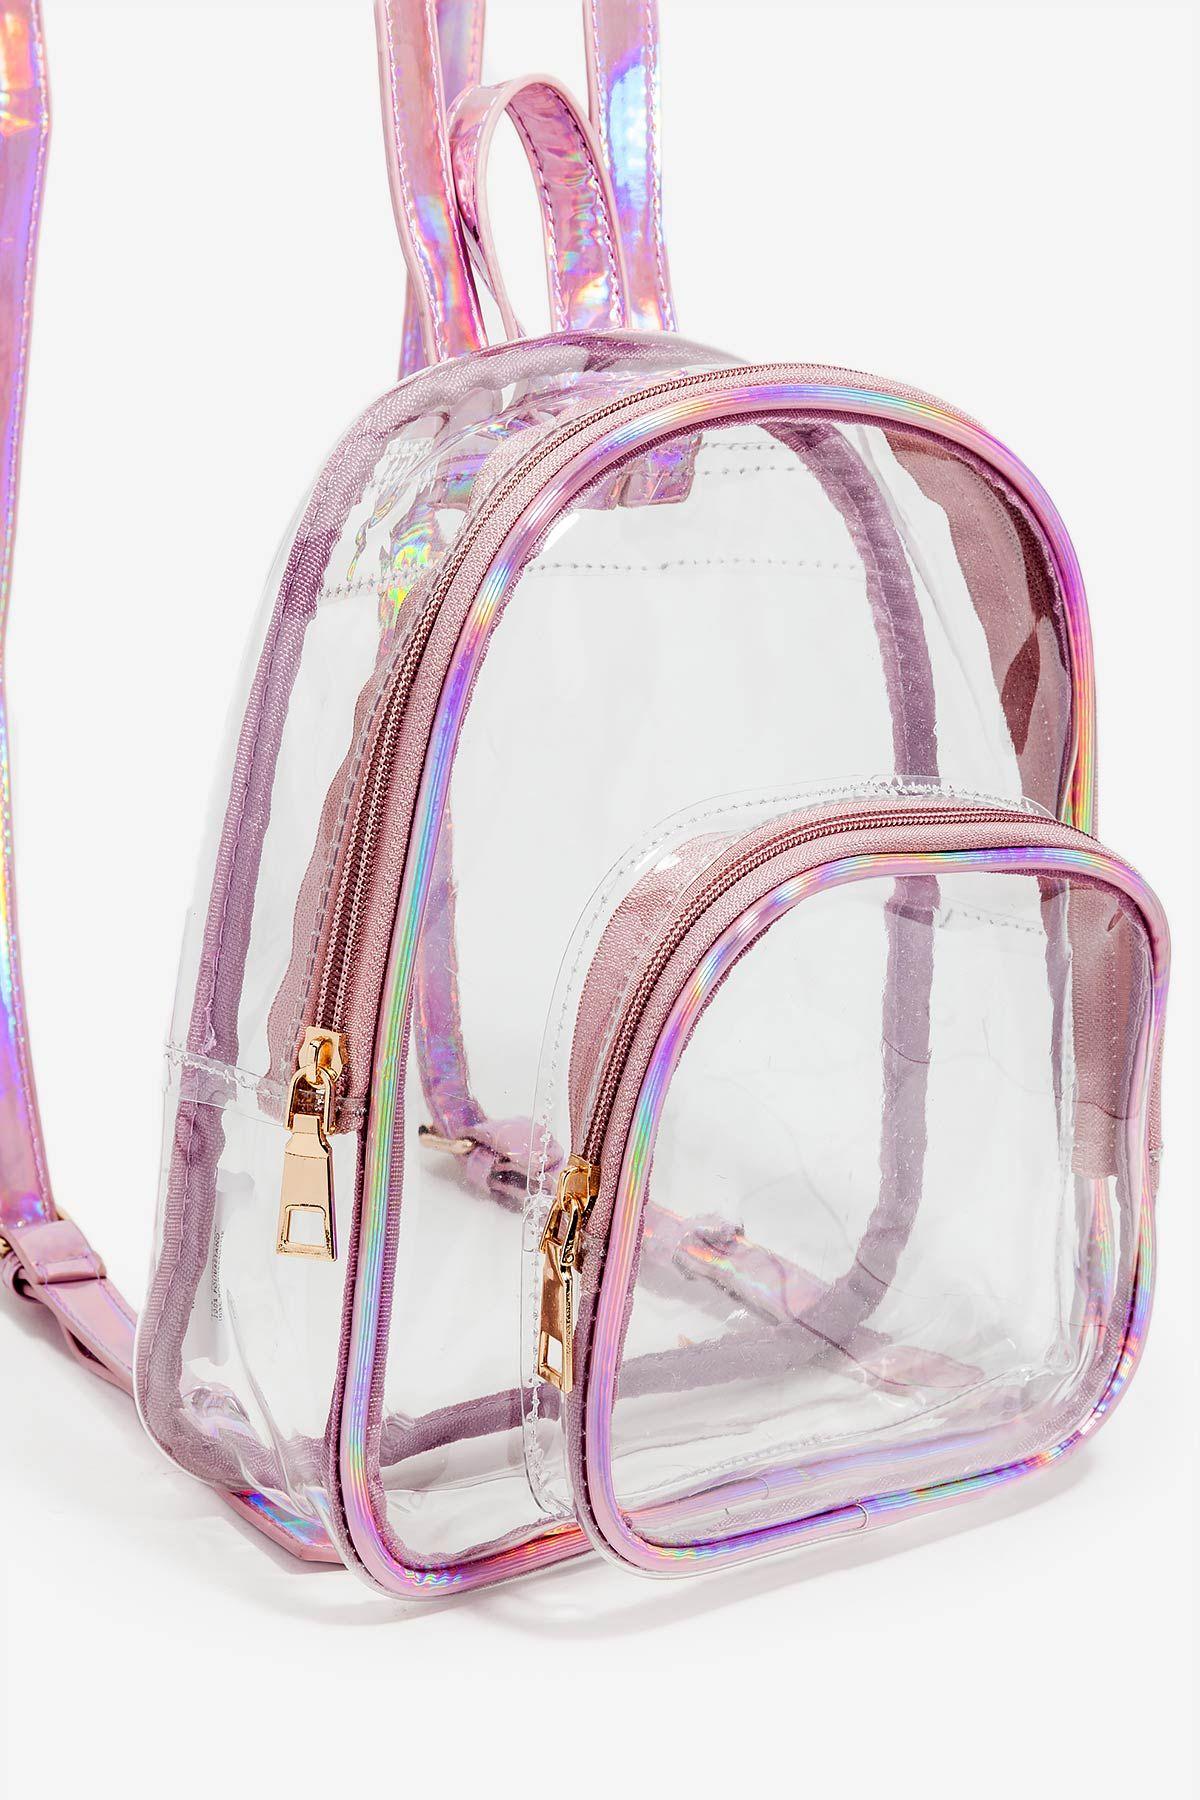 b6874b9a8035 Women's Backpacks | Holographic Trimmed Clear Mini Backpack | A'GACI ...